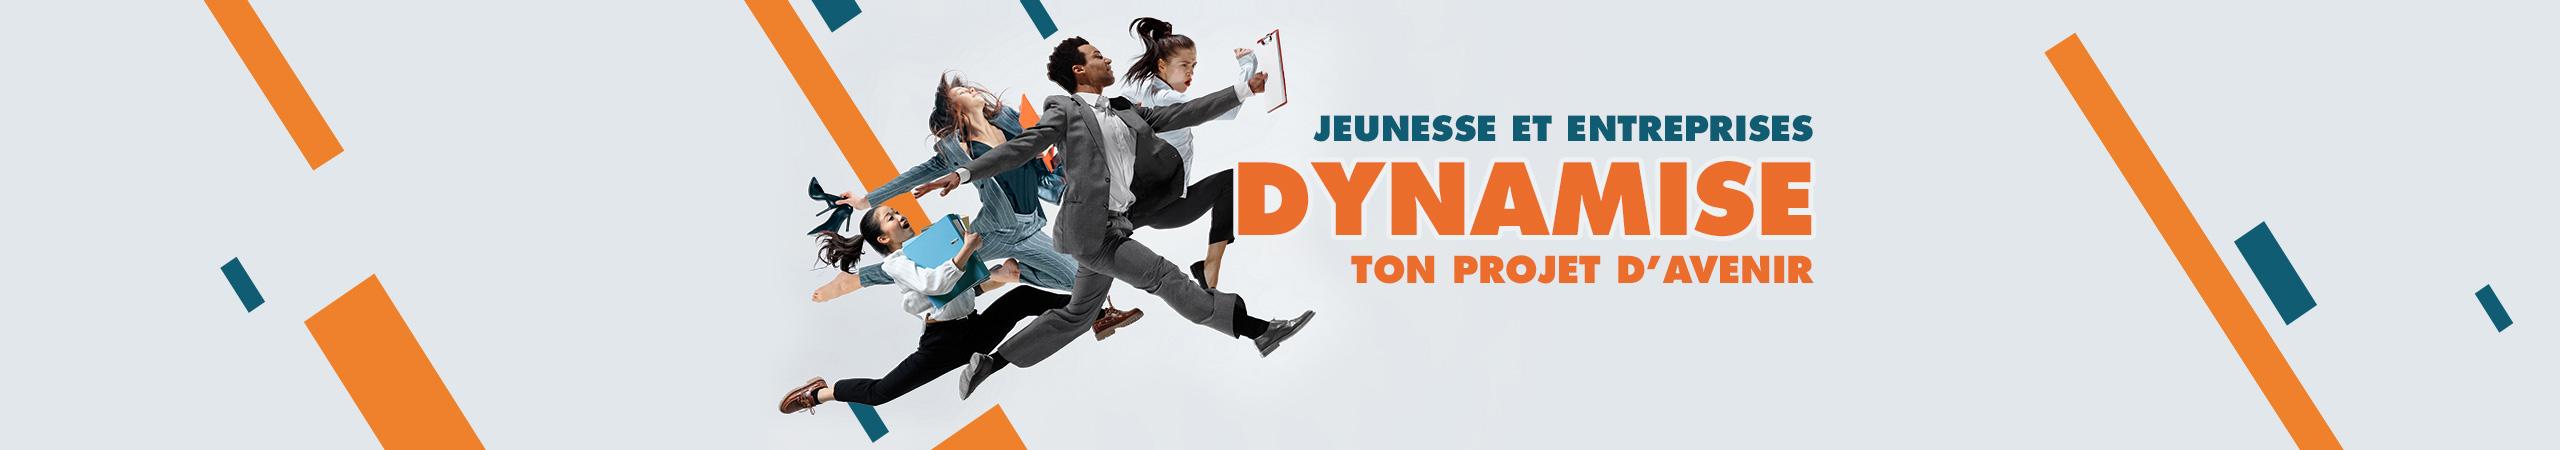 Slide-AJE-Dynamise-ton-projet